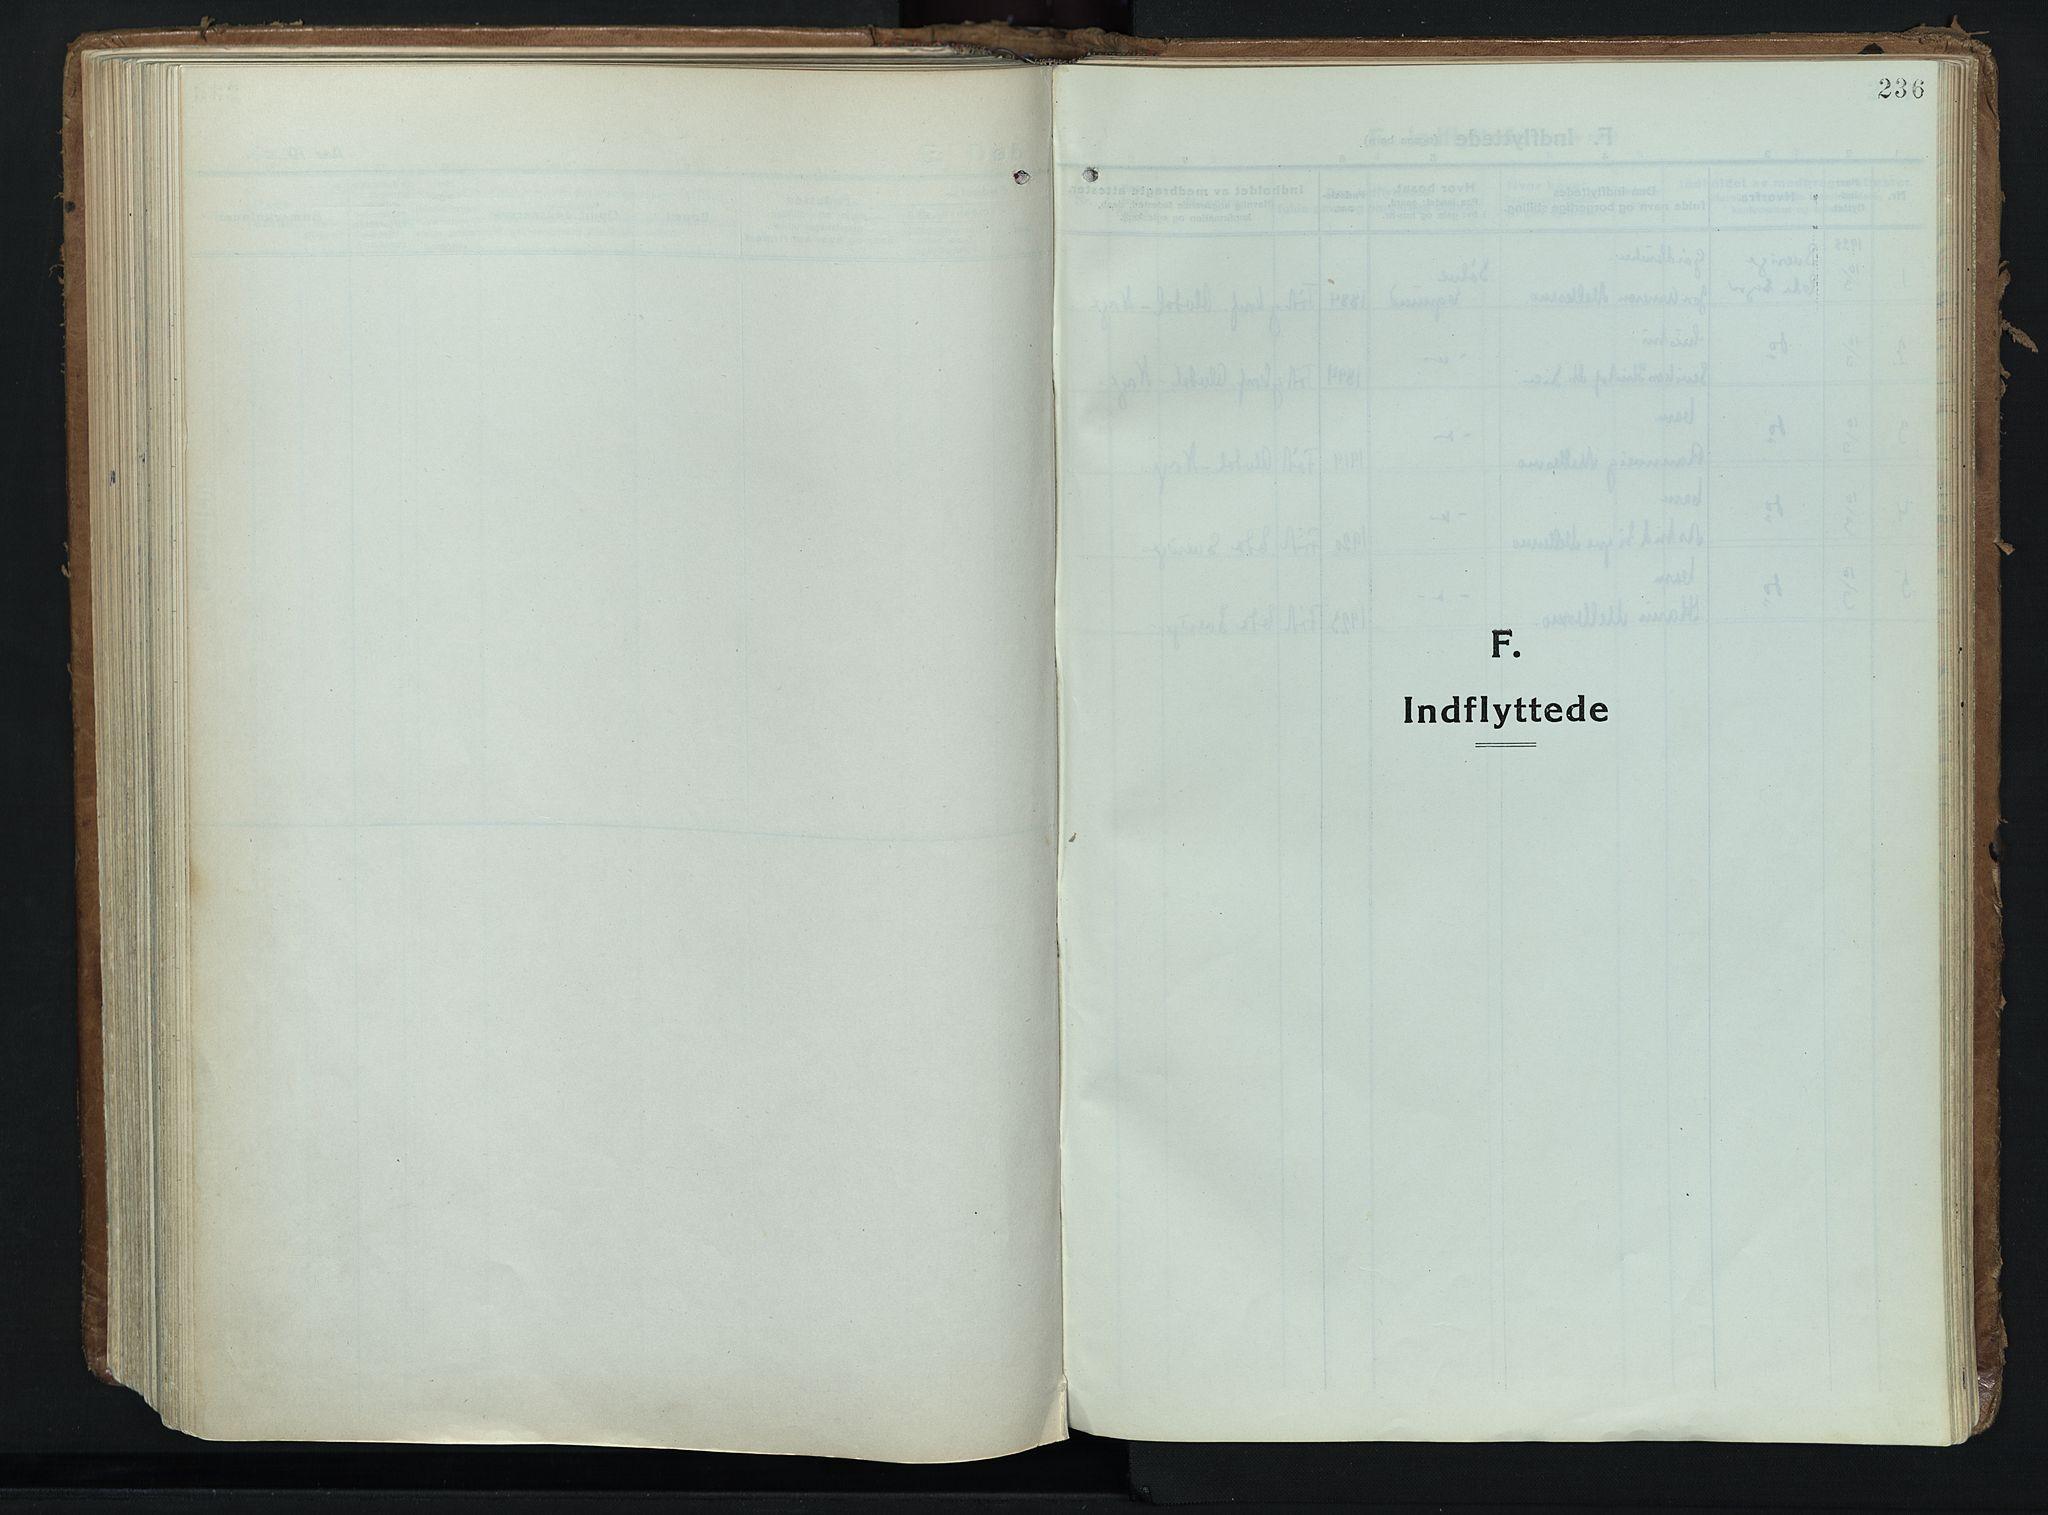 SAH, Alvdal prestekontor, Ministerialbok nr. 6, 1920-1937, s. 236